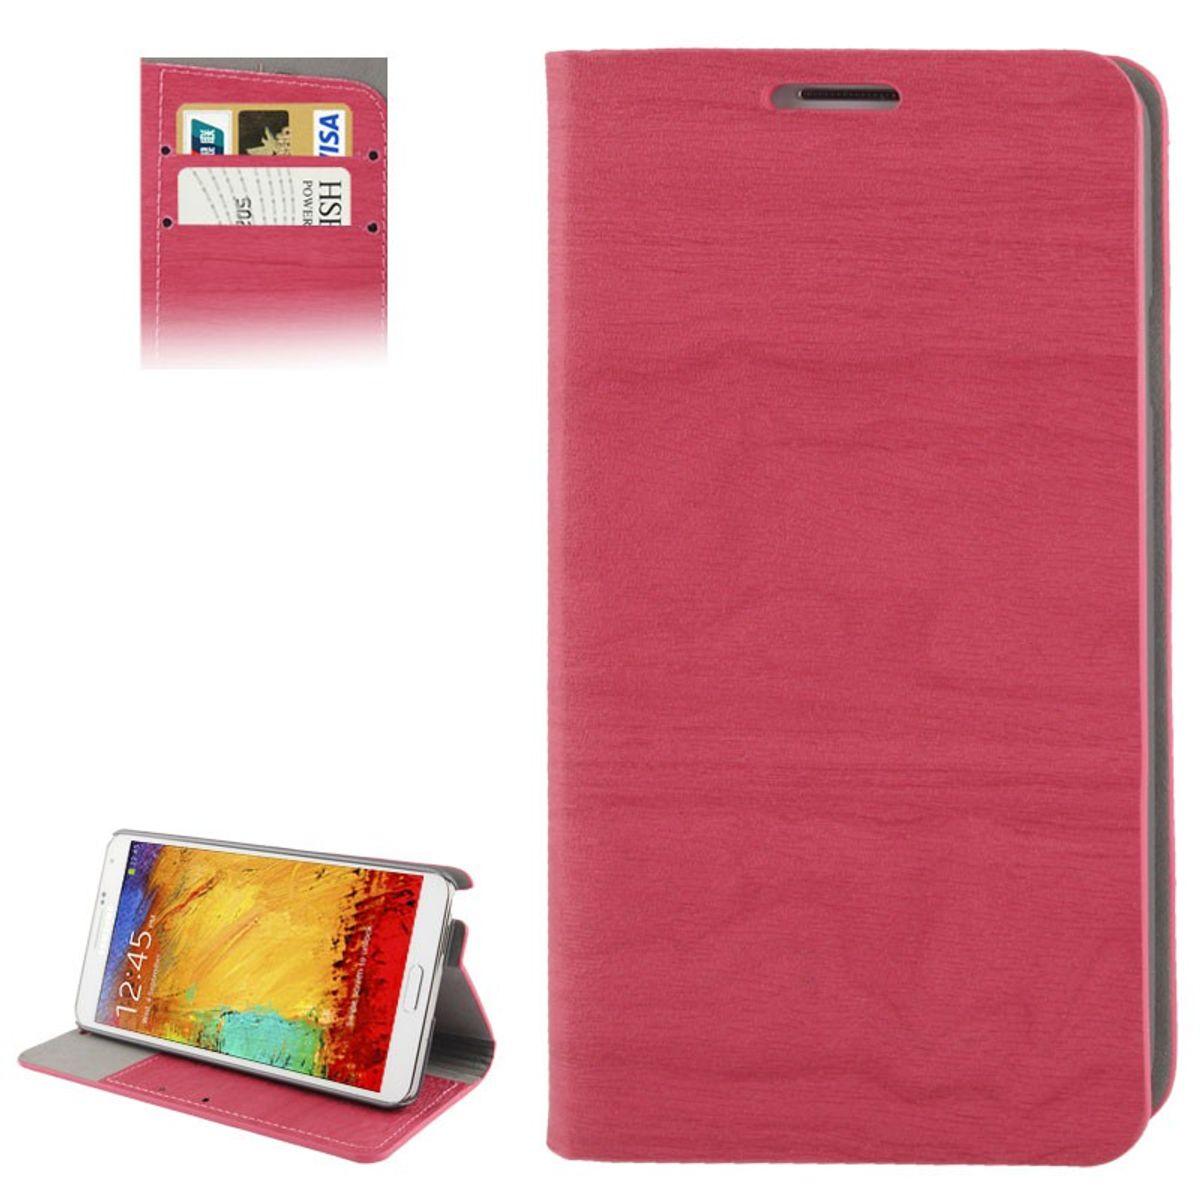 Design Handytasche für Samsung Galaxy Note 3 N9000 Pink